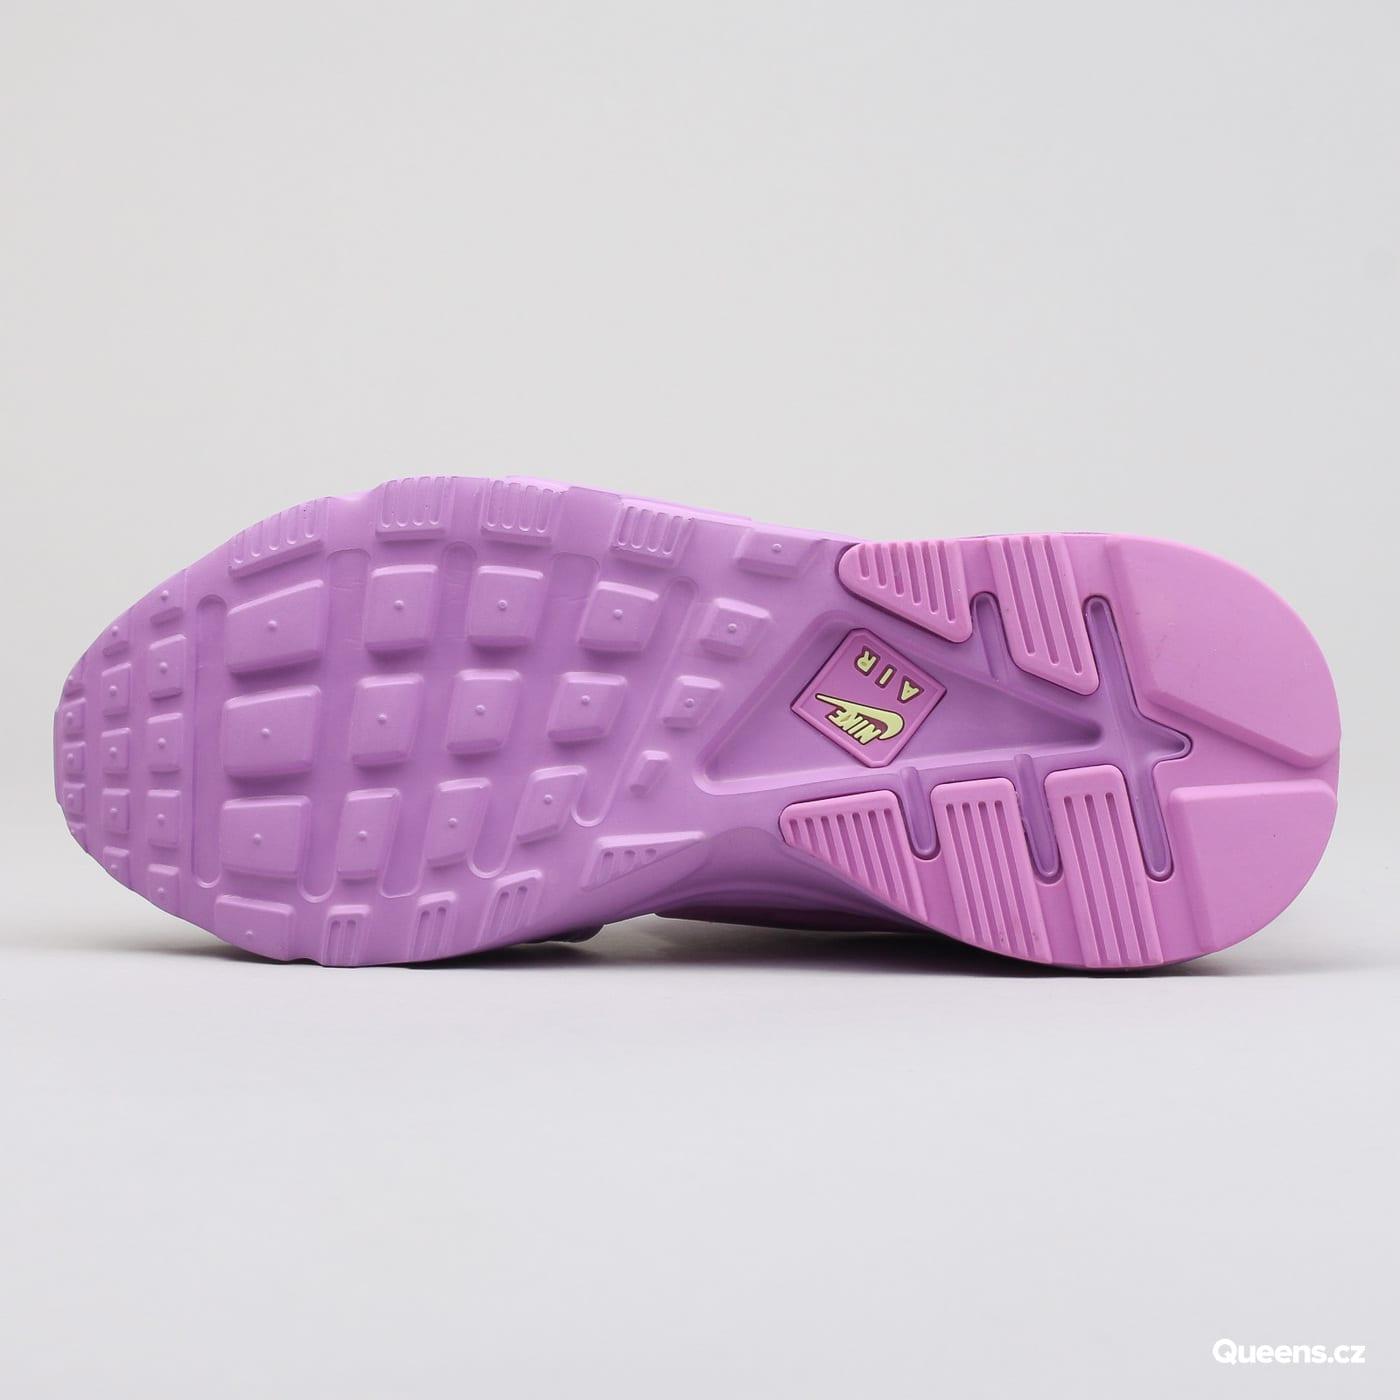 62fa7ac7f39 ZvětšitZvětšitZvětšitZvětšitZvětšit. Nike WMNS Air Huarache Gladiator QS  fuchsia glow ...